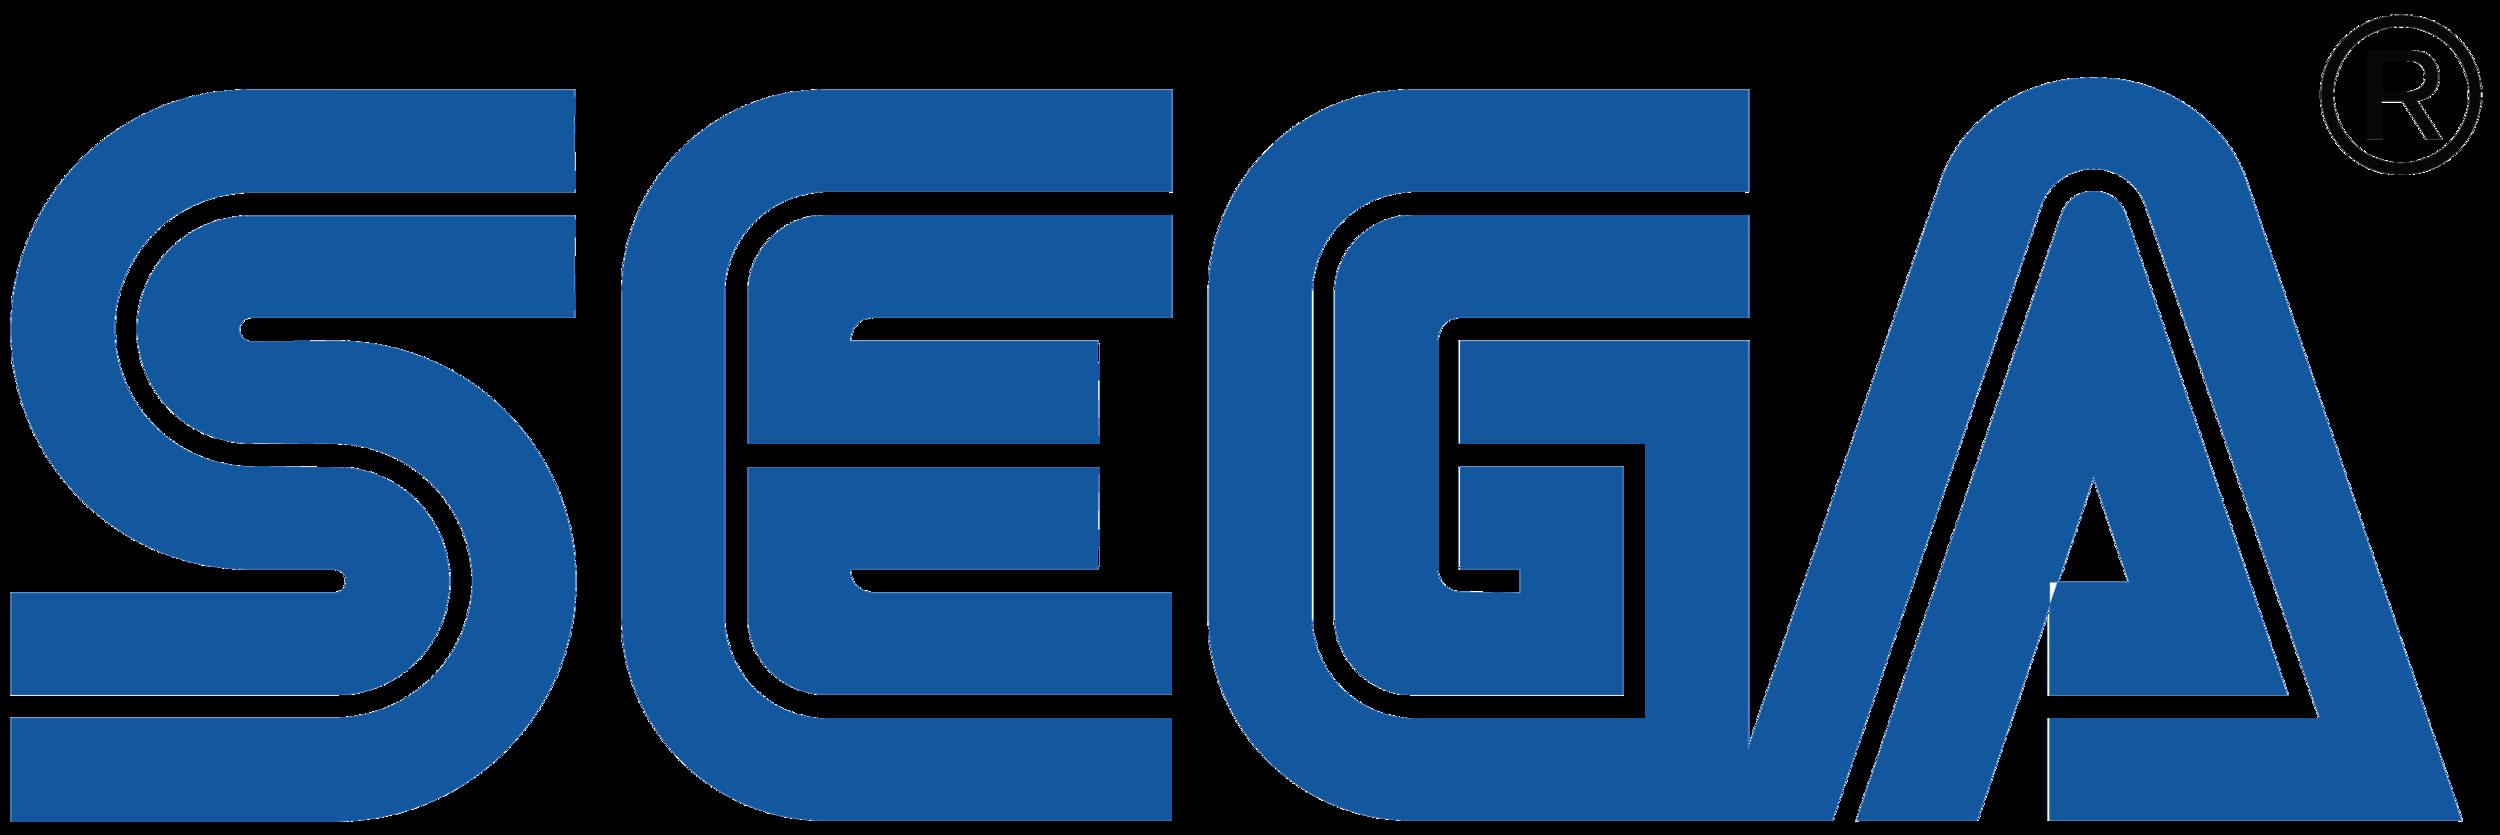 Sega.png